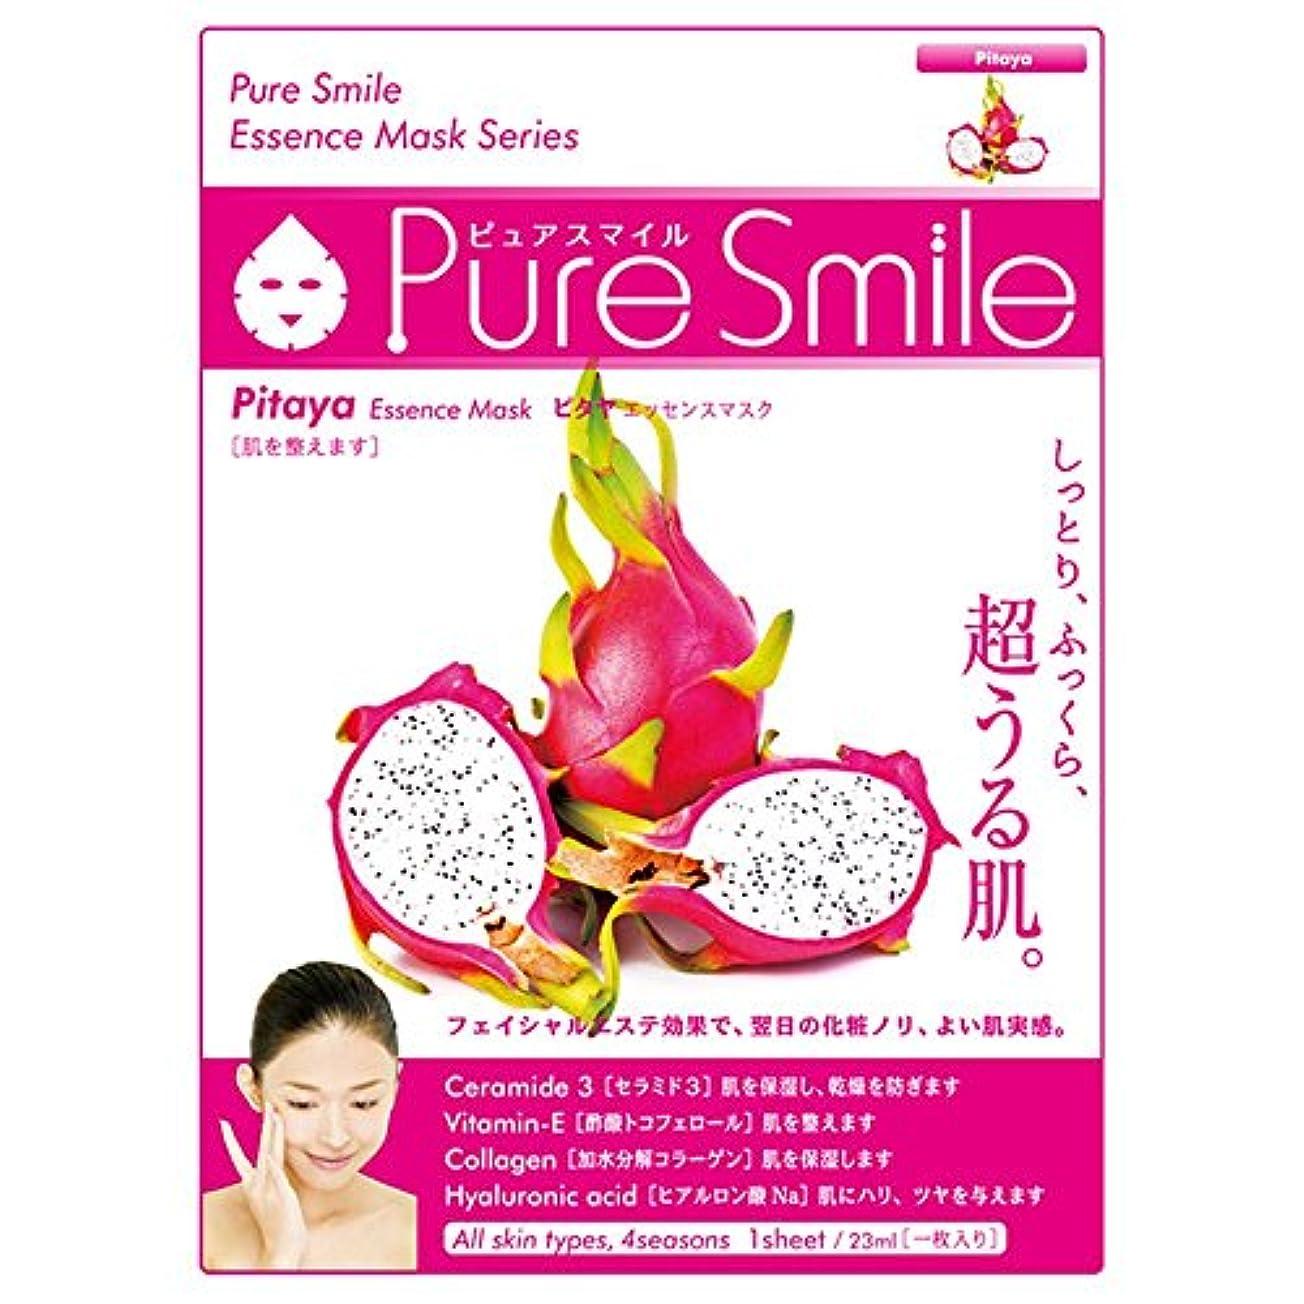 叫び声遺棄されたグッゲンハイム美術館Pure Smile/ピュアスマイル エッセンス/フェイスマスク 『Pitaya/ピタヤ(ドラゴンフルーツ)』